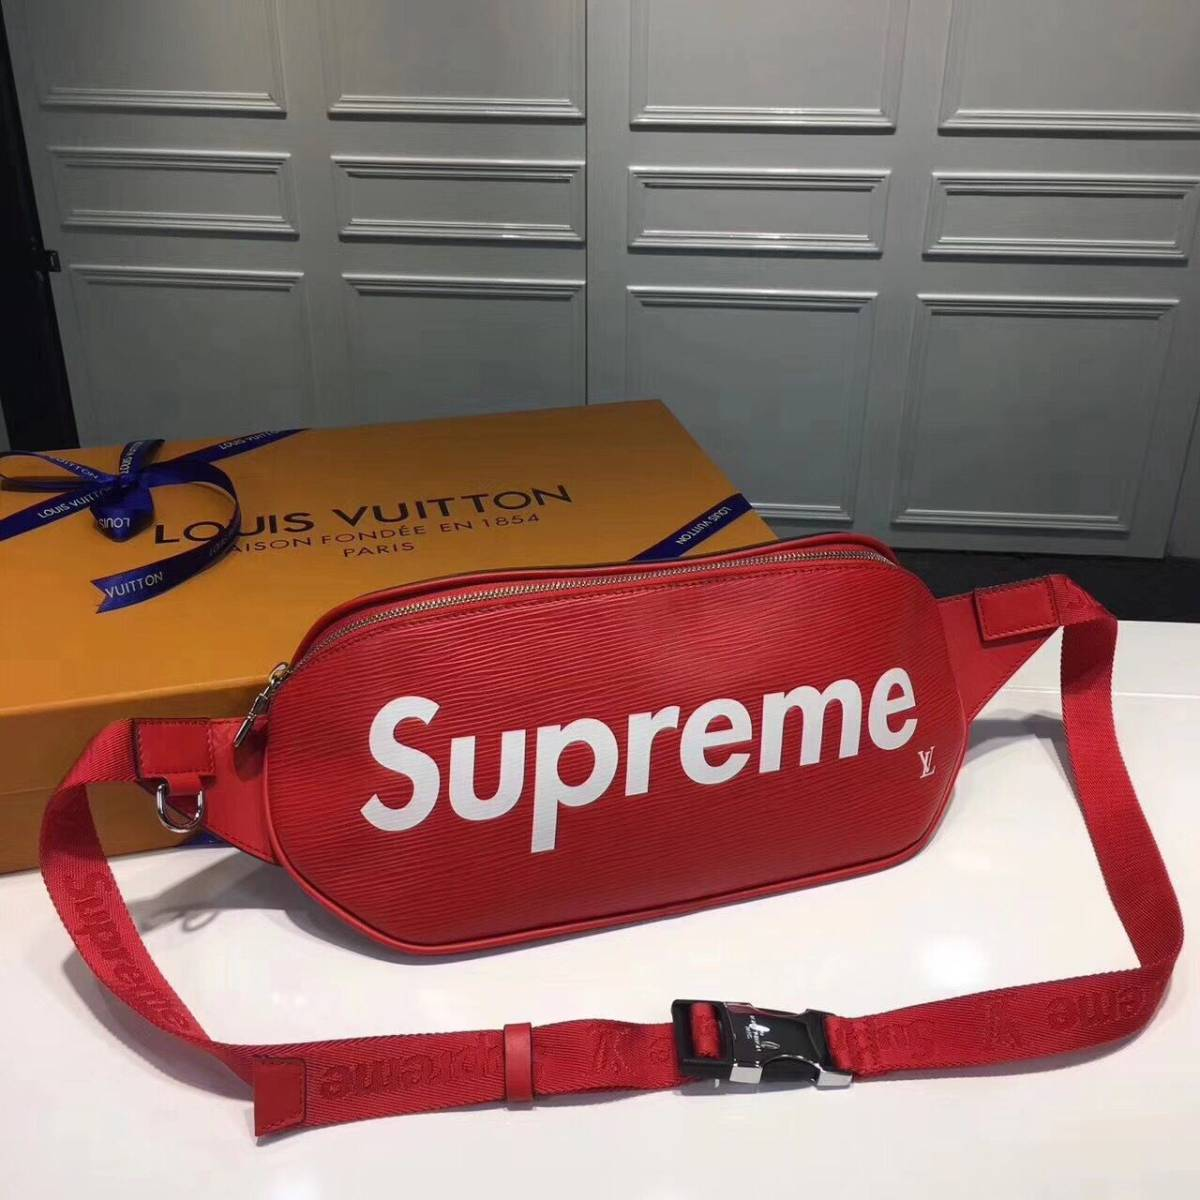 LOUIS VUITTON × Supreme Bumbag PM 新品 バムバッグ 正規店購入 ルイ・ヴィトン シュプ